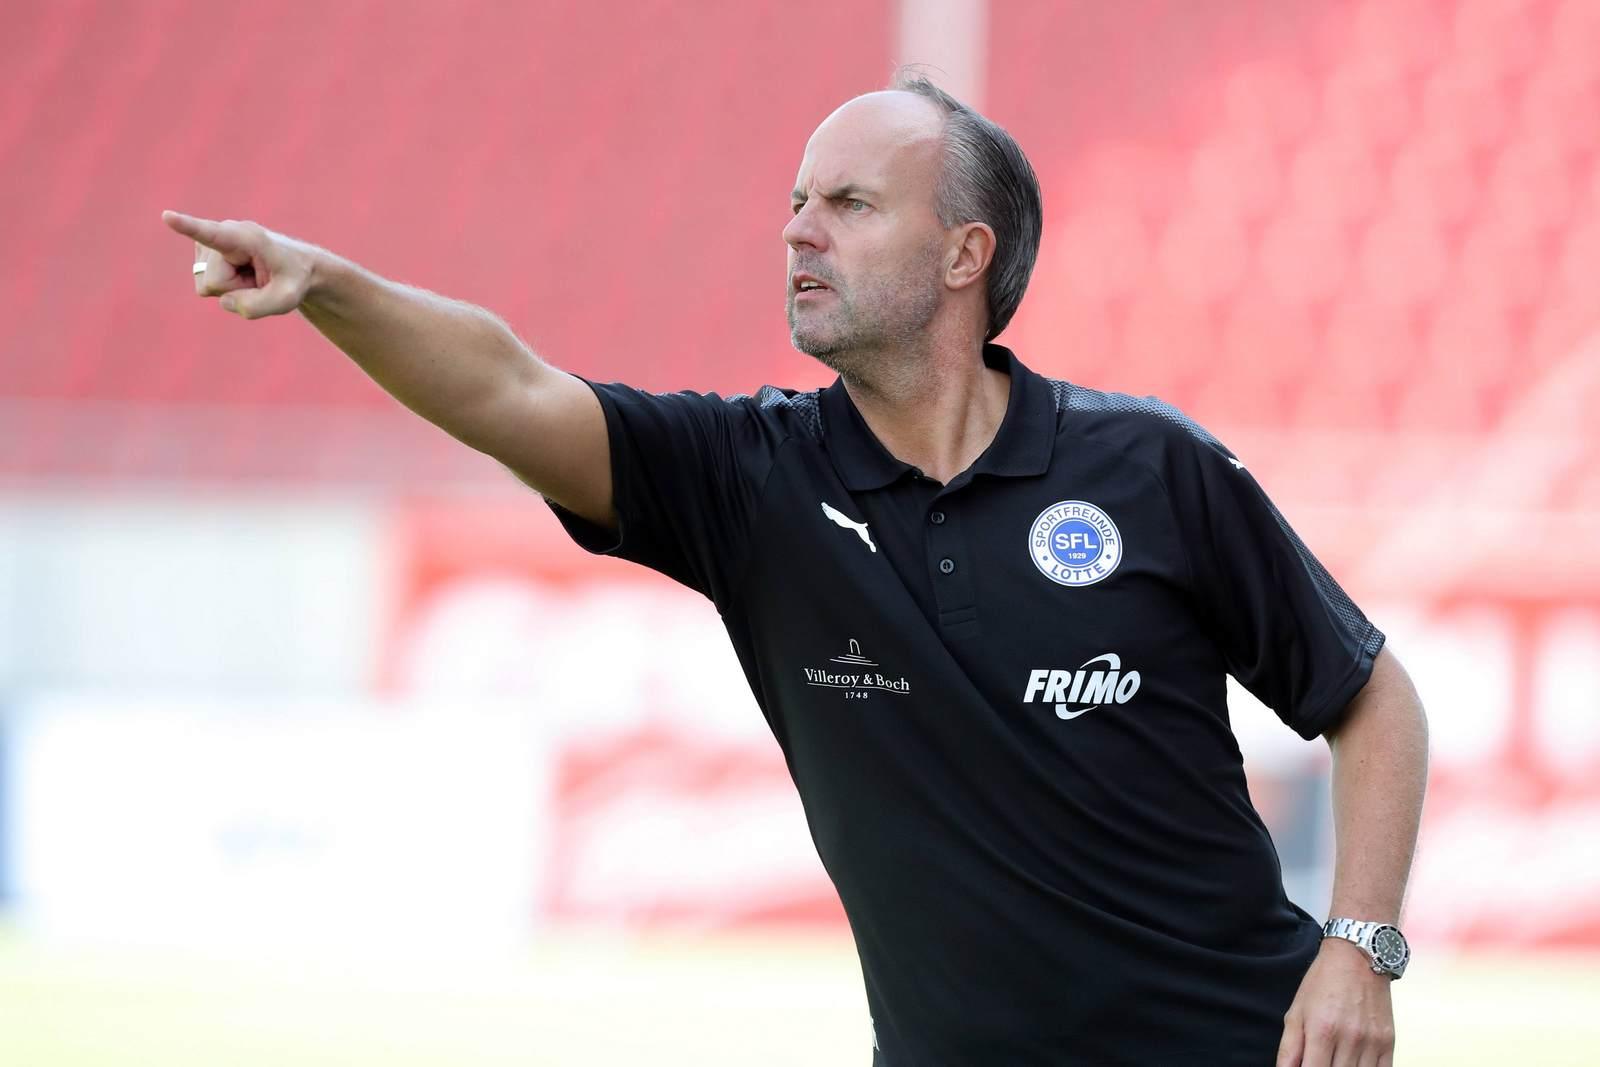 Misserfolg als Entlassungsgrund: Lottes bisheriger Trainer Marc Fascher